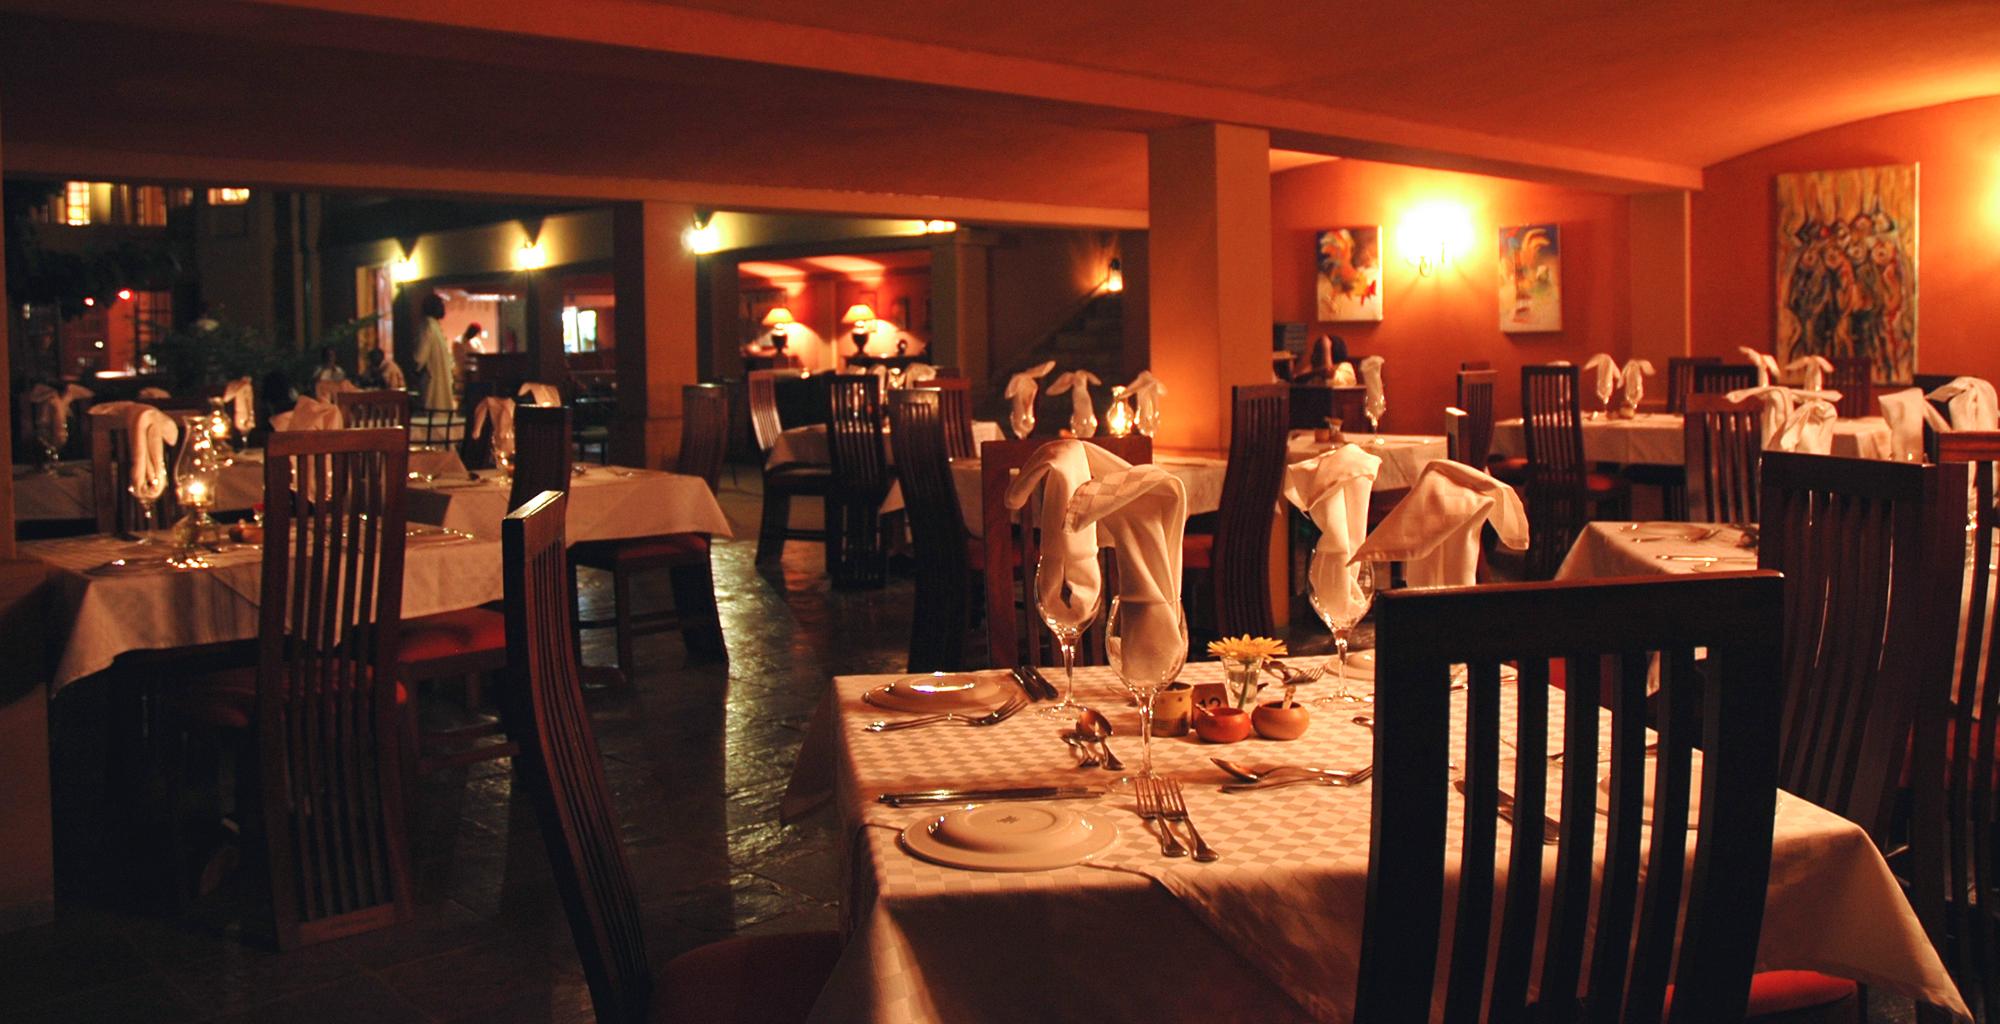 Uganda-Emin-Pasha-Dining